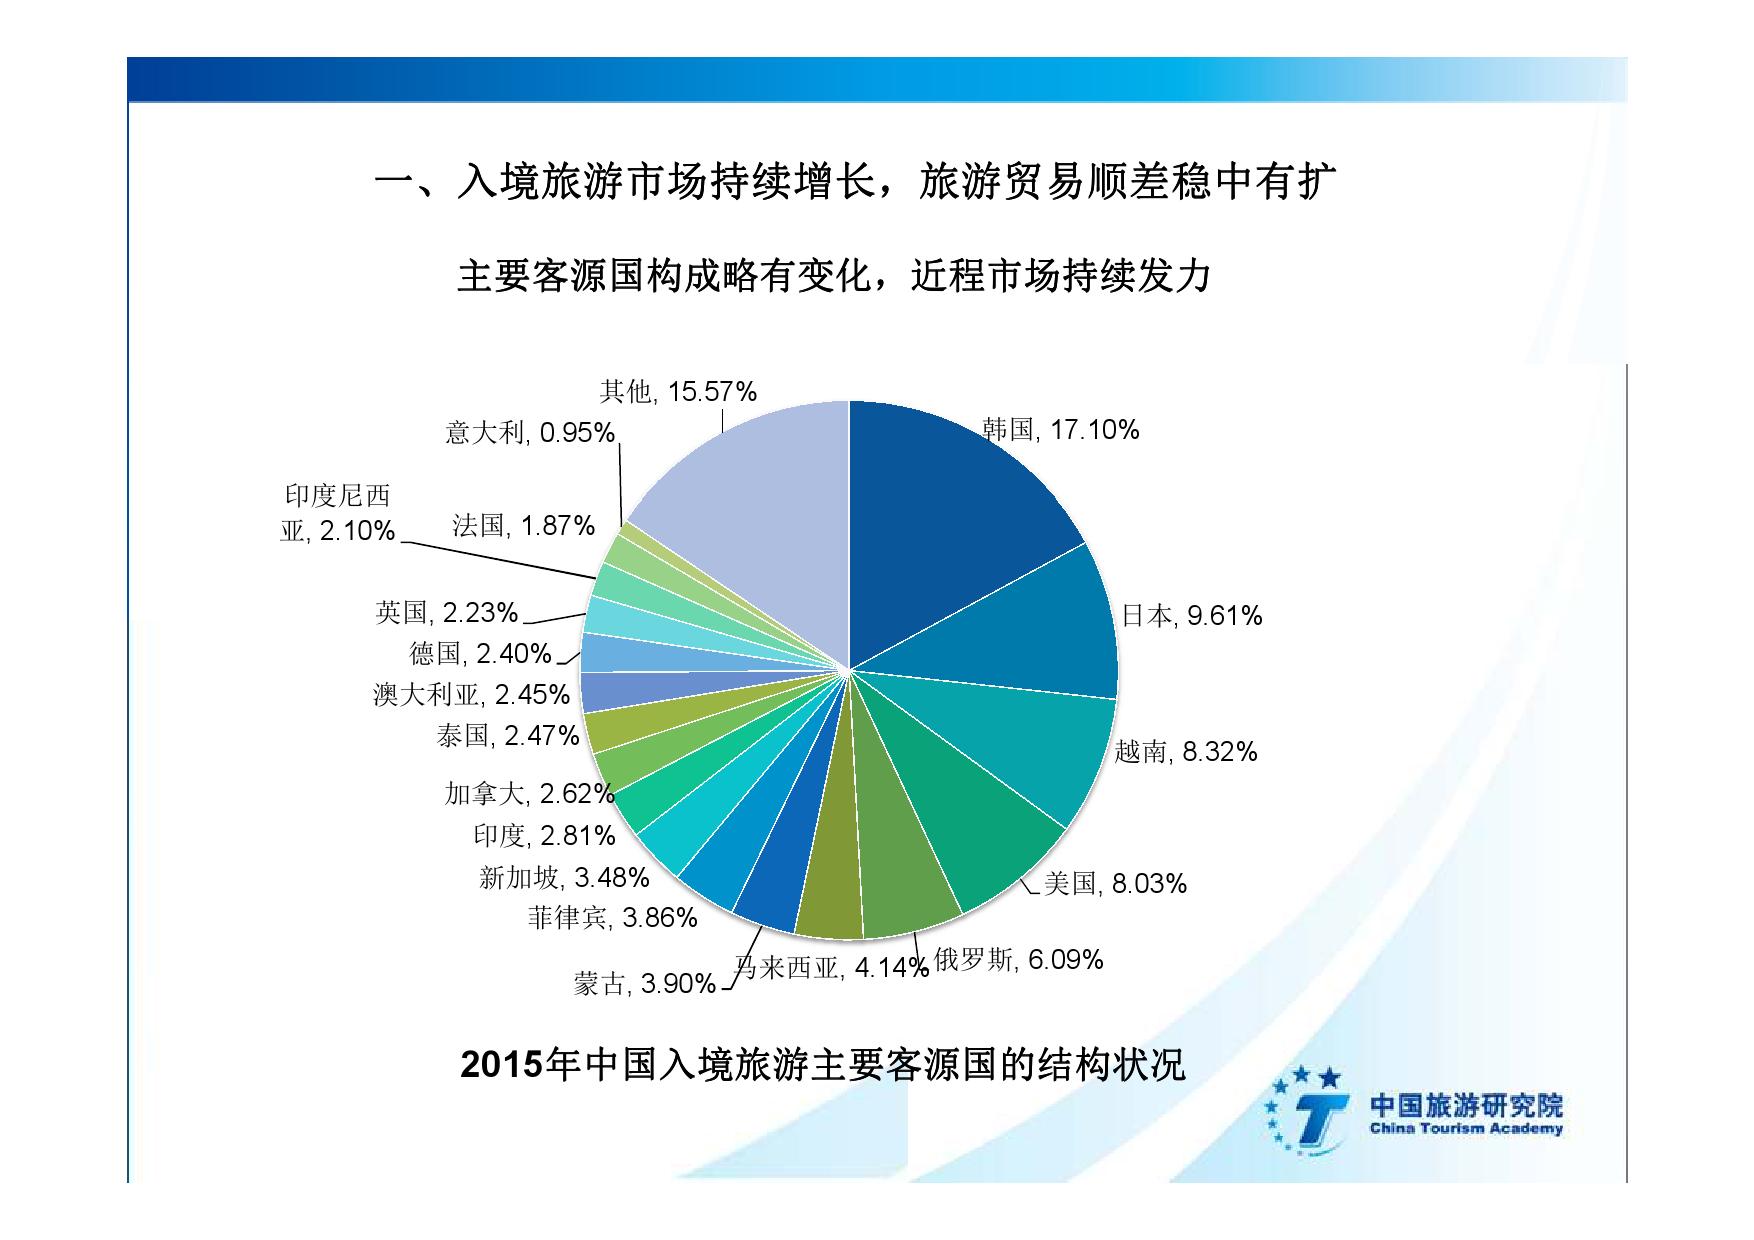 2016中国入境旅游发展年度报告_000009